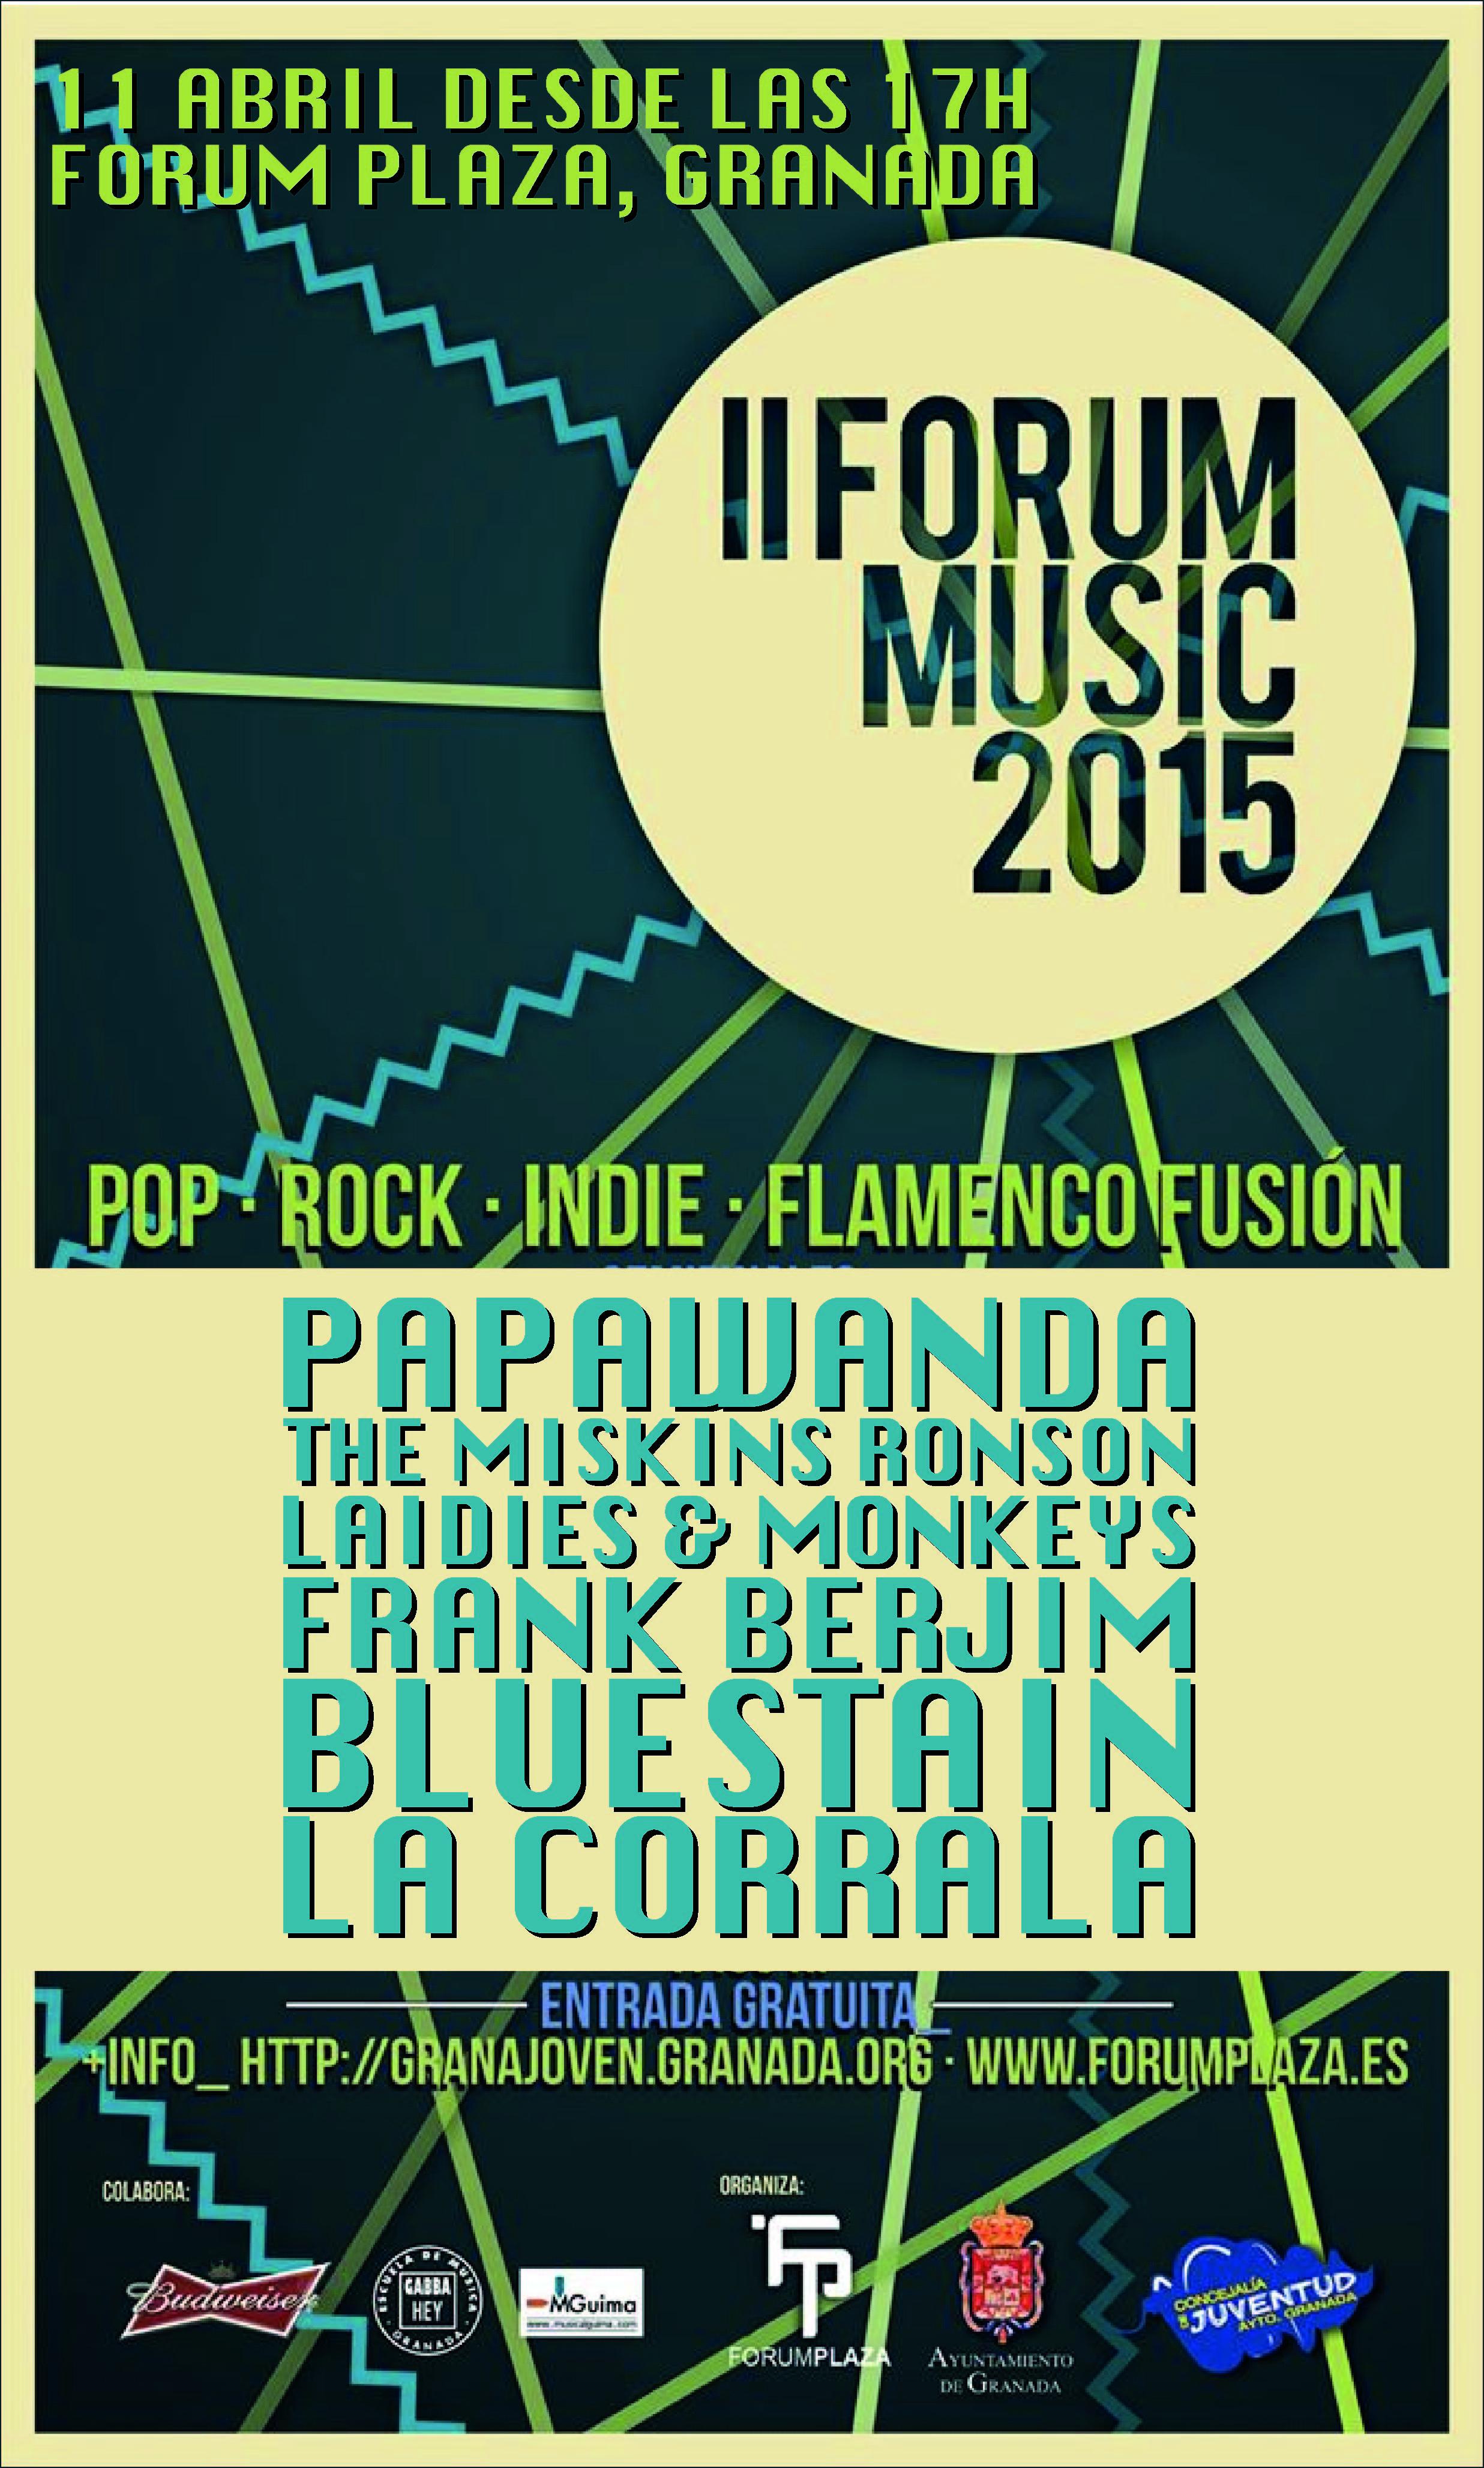 11 Abril|Forum Plaza Granada